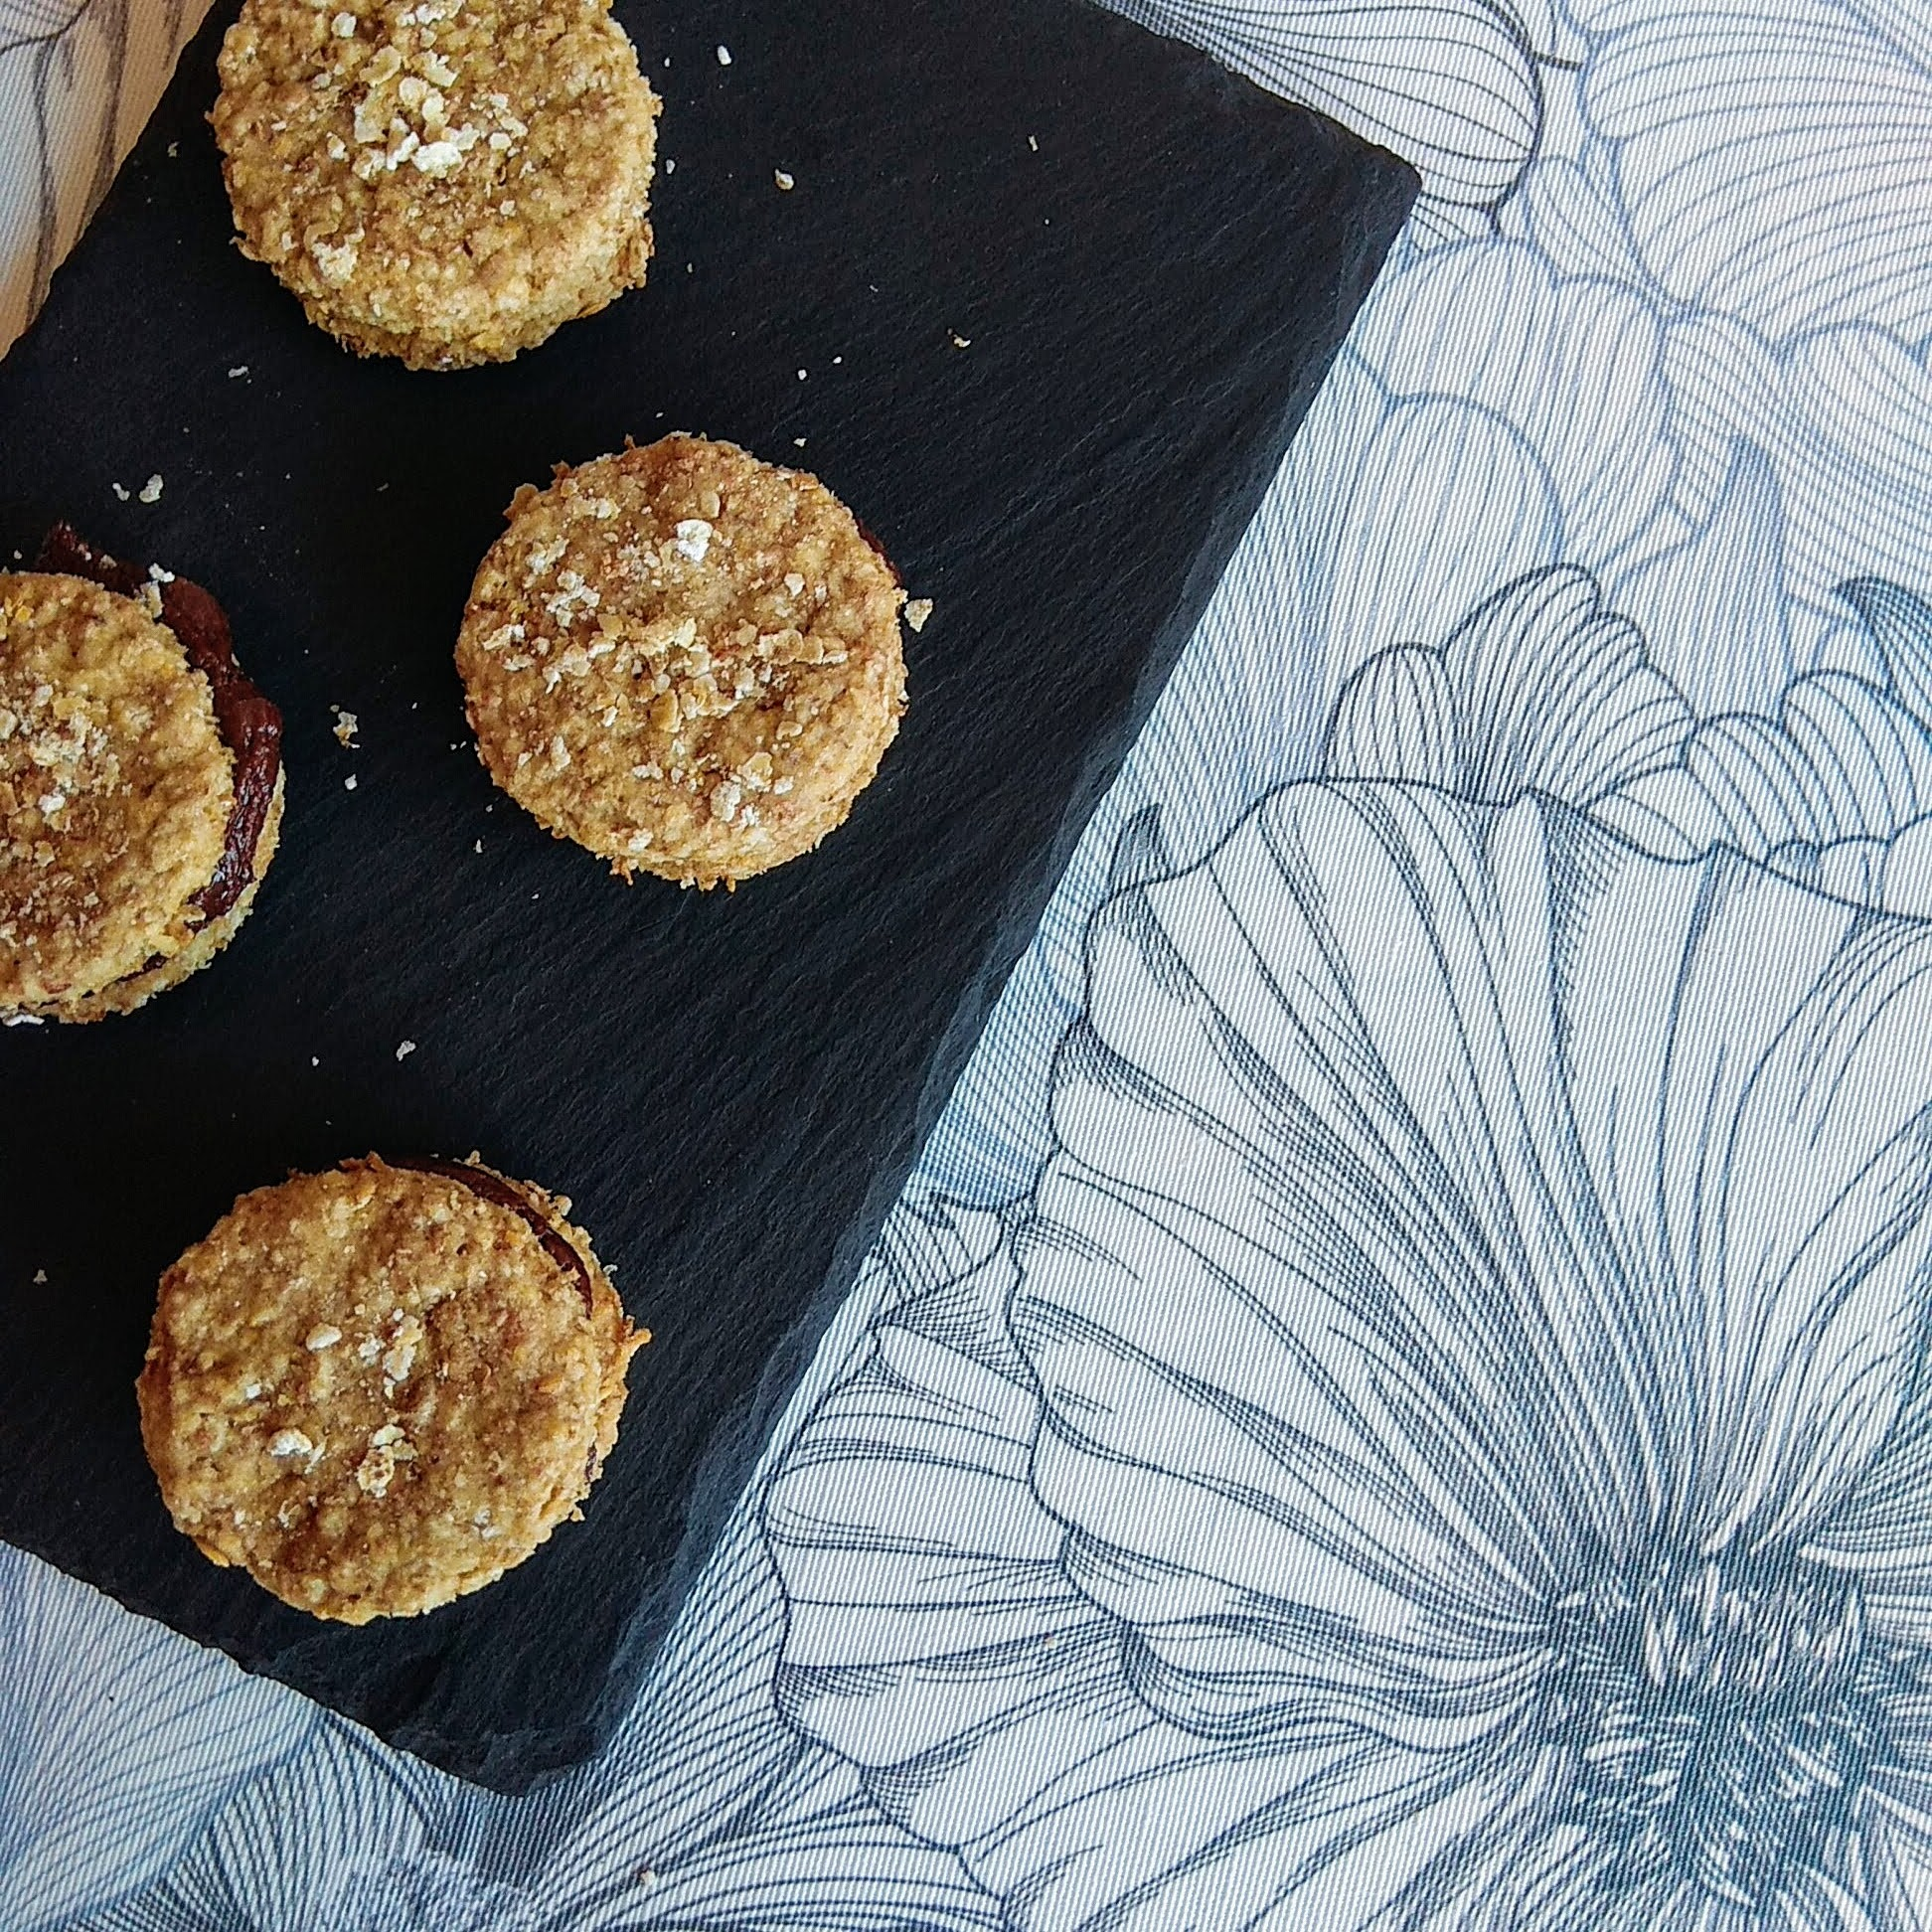 Receta fácil de Galletas de avena saludables rellenas de chocolate. Descúbrela en: www.cocinandoconlola.com